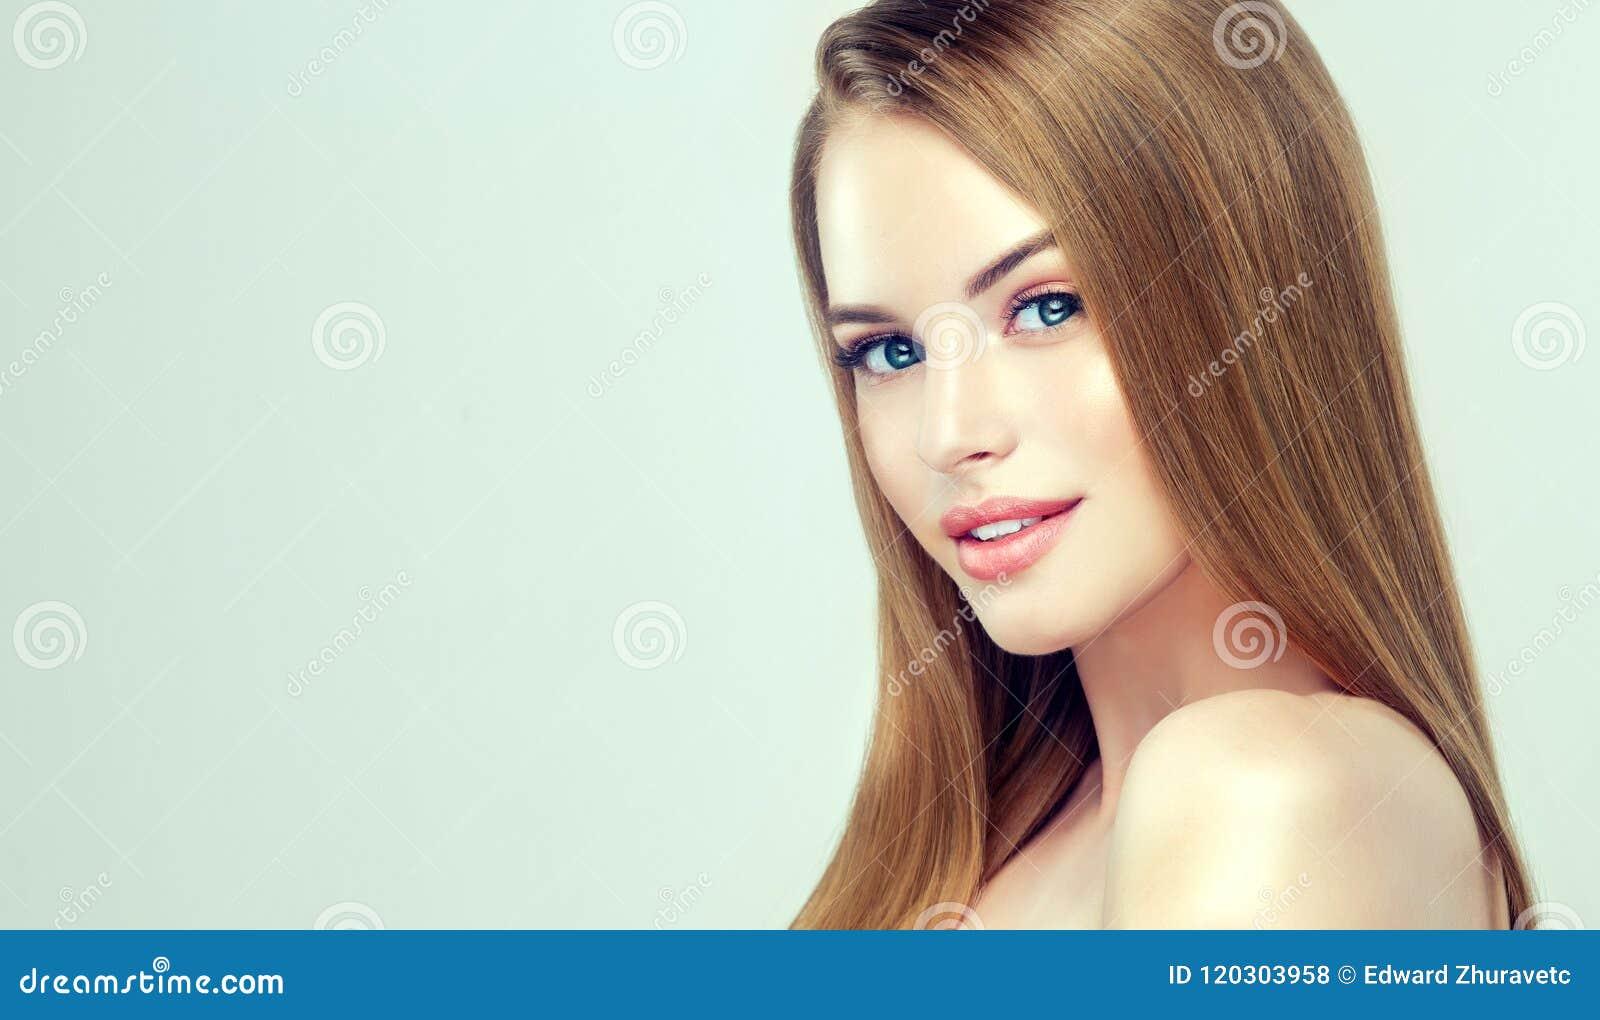 Jong mooi model met recht, los kapsel op het hoofd Het kappen, de kosmetiek, en schoonheidstechnologieën